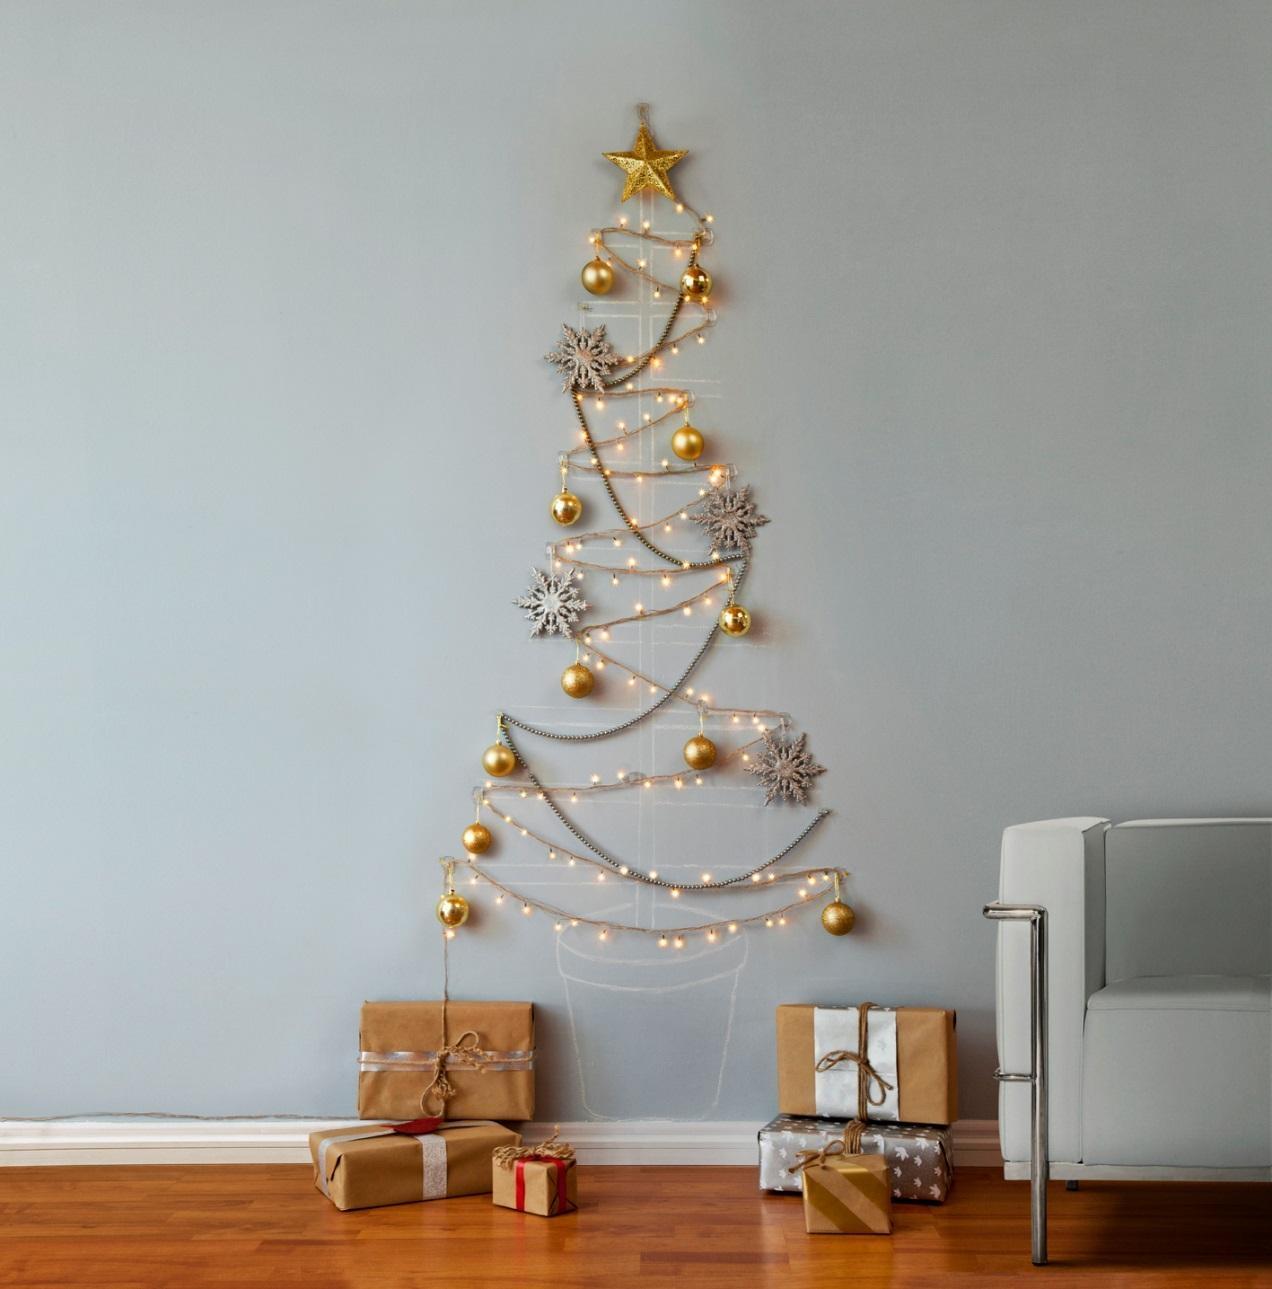 Dekoracje świąteczne - choinka na ścianie